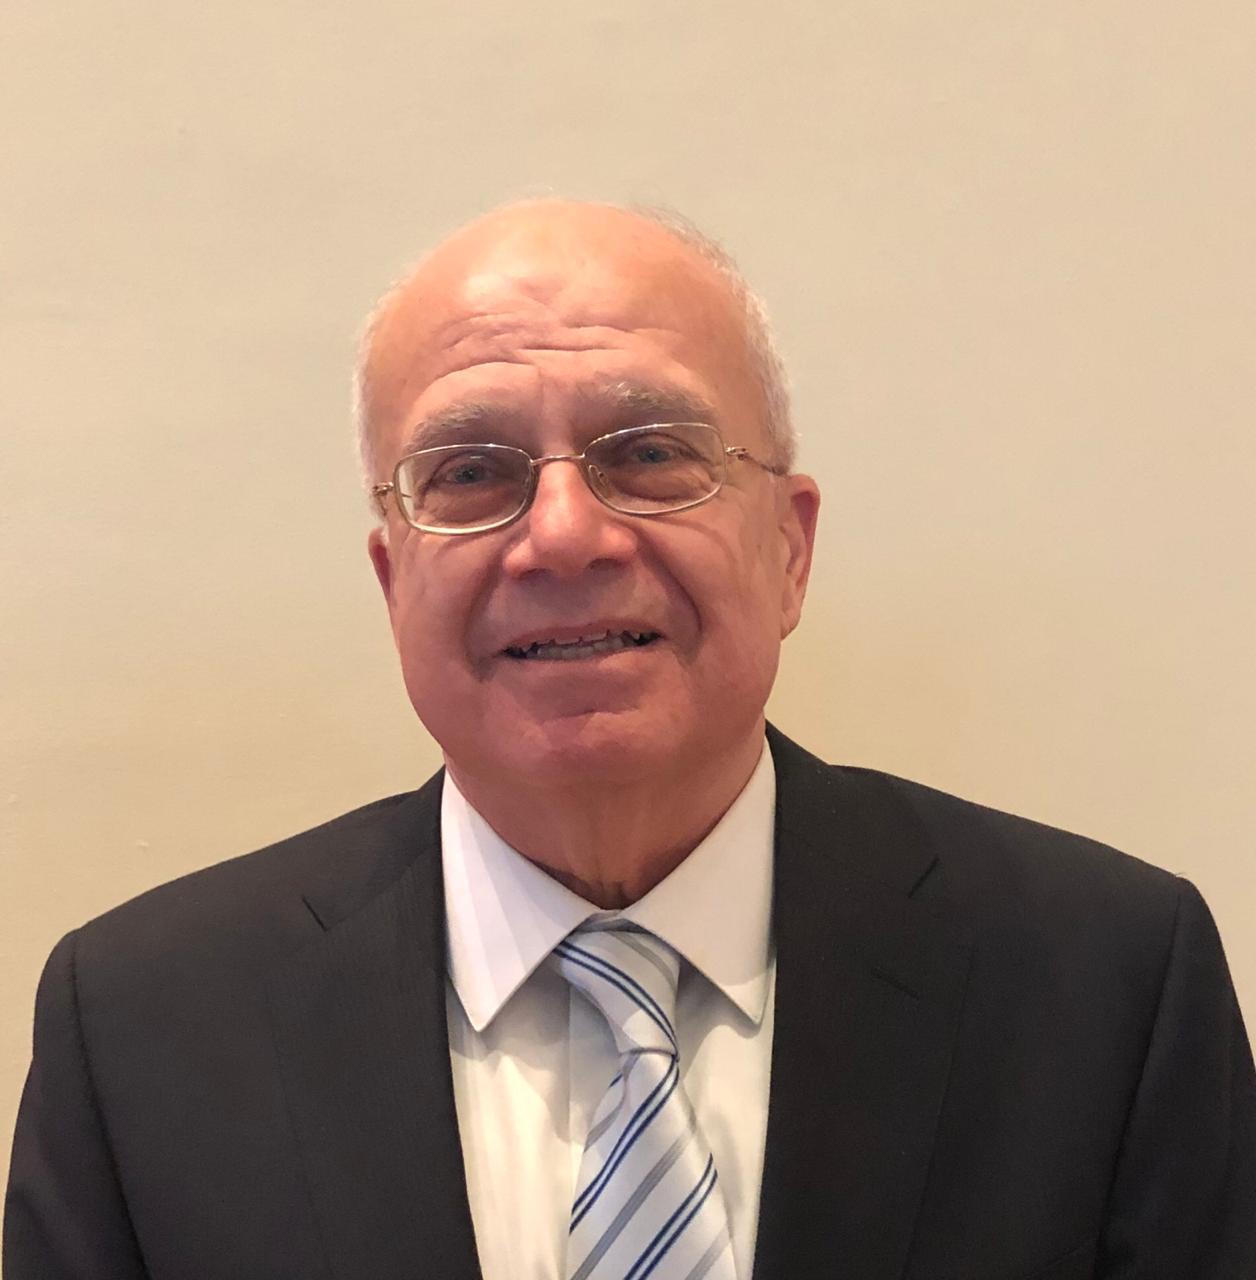 .Dr. Emadeddin Al-Gamal